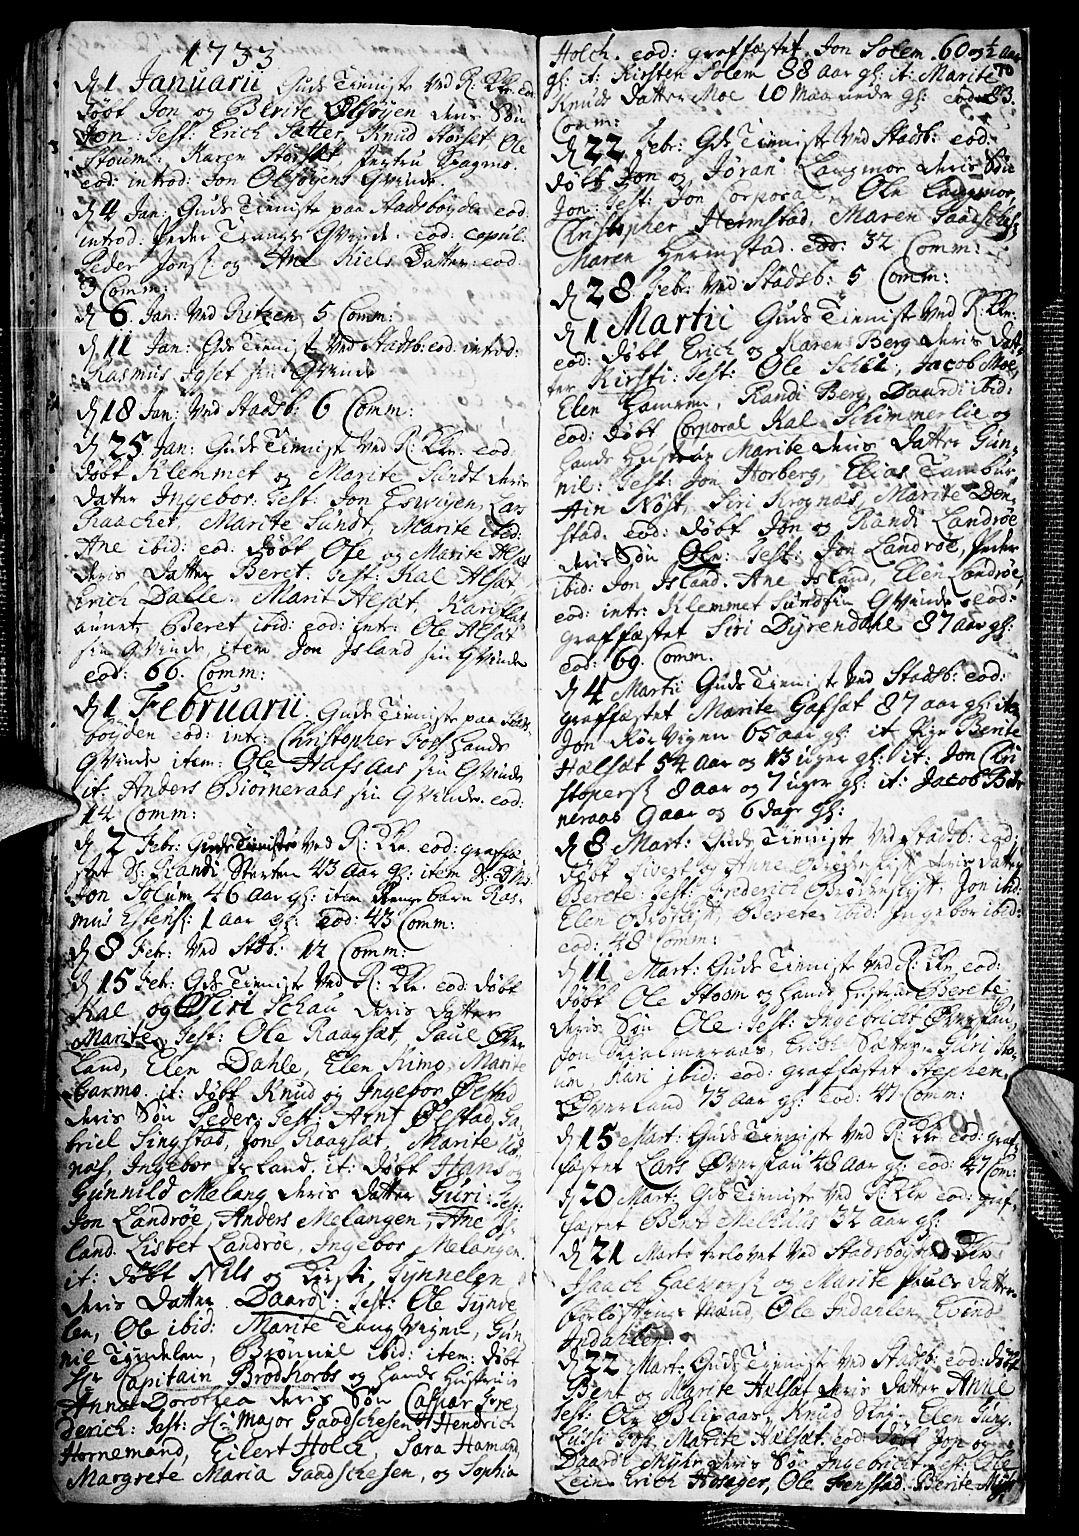 SAT, Ministerialprotokoller, klokkerbøker og fødselsregistre - Sør-Trøndelag, 646/L0603: Ministerialbok nr. 646A01, 1700-1734, s. 70